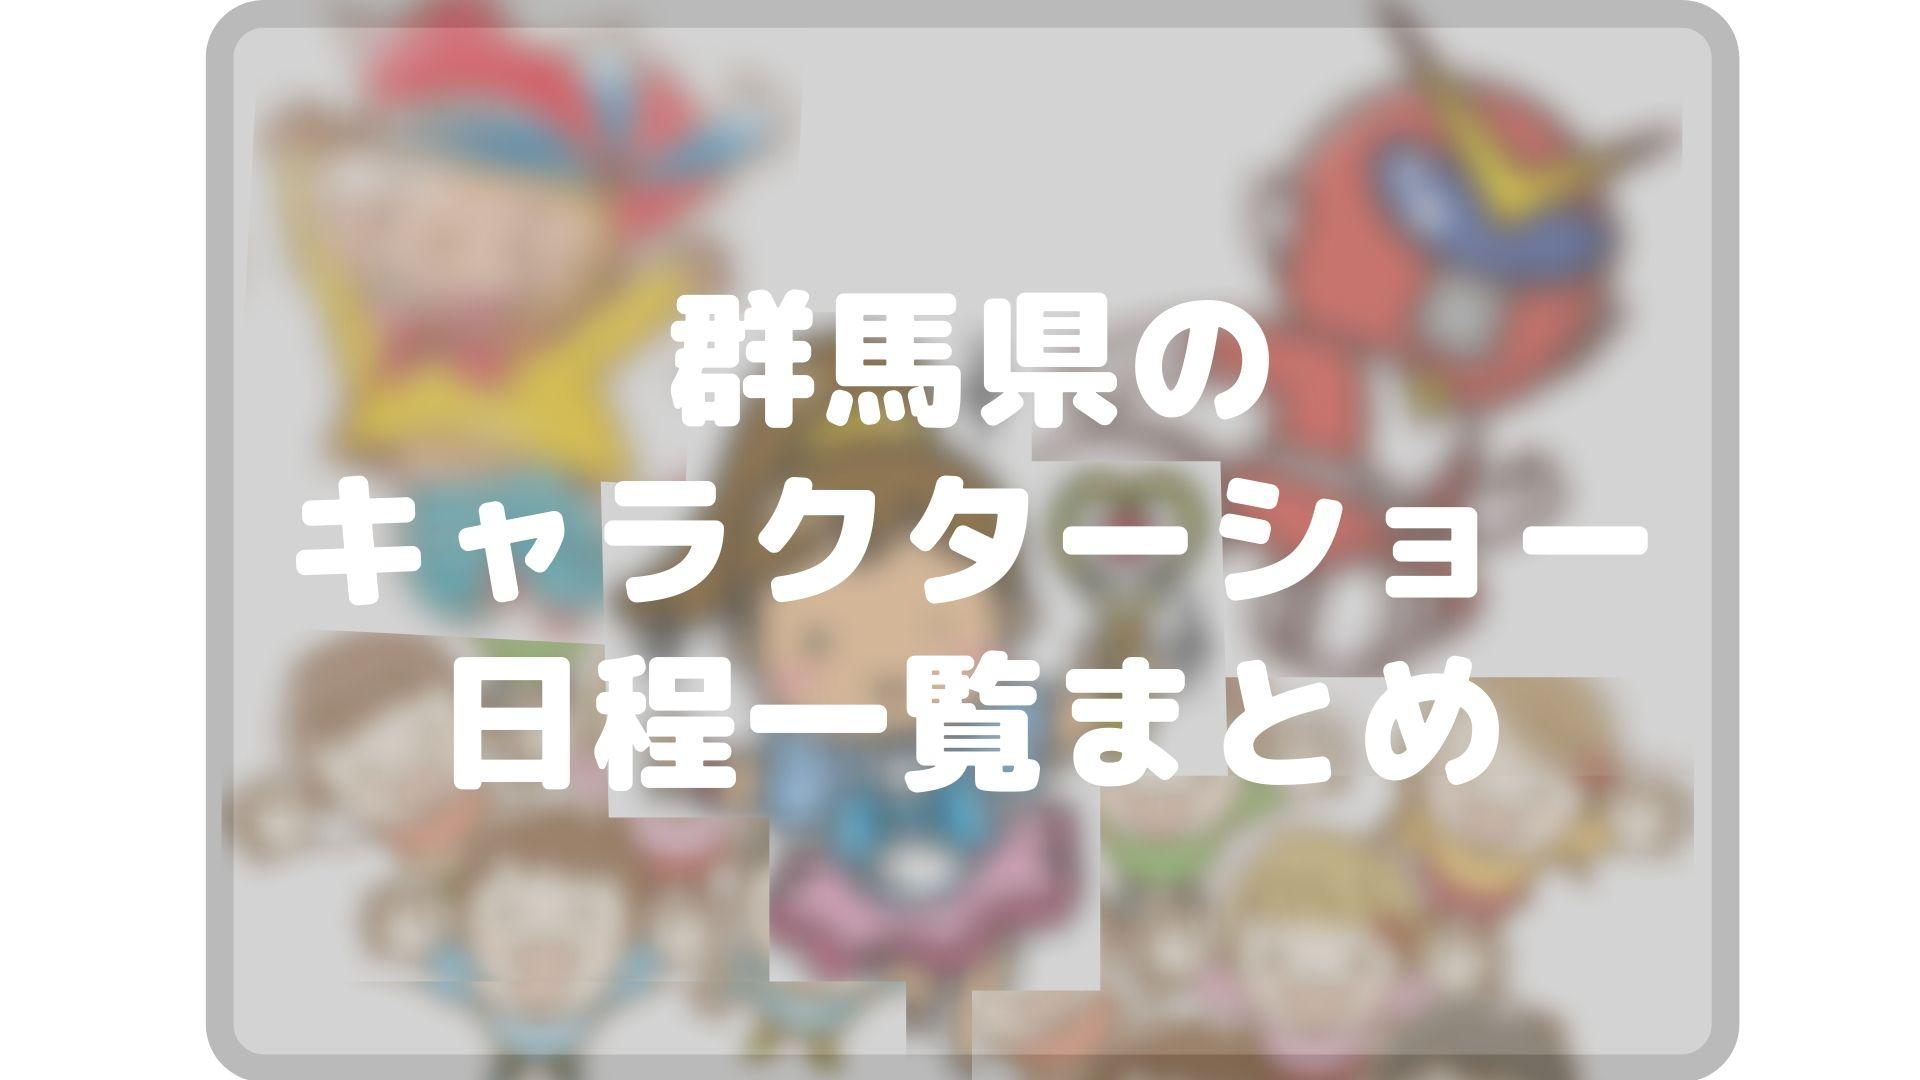 群馬県のキャラクターショーまとめタイトル画像